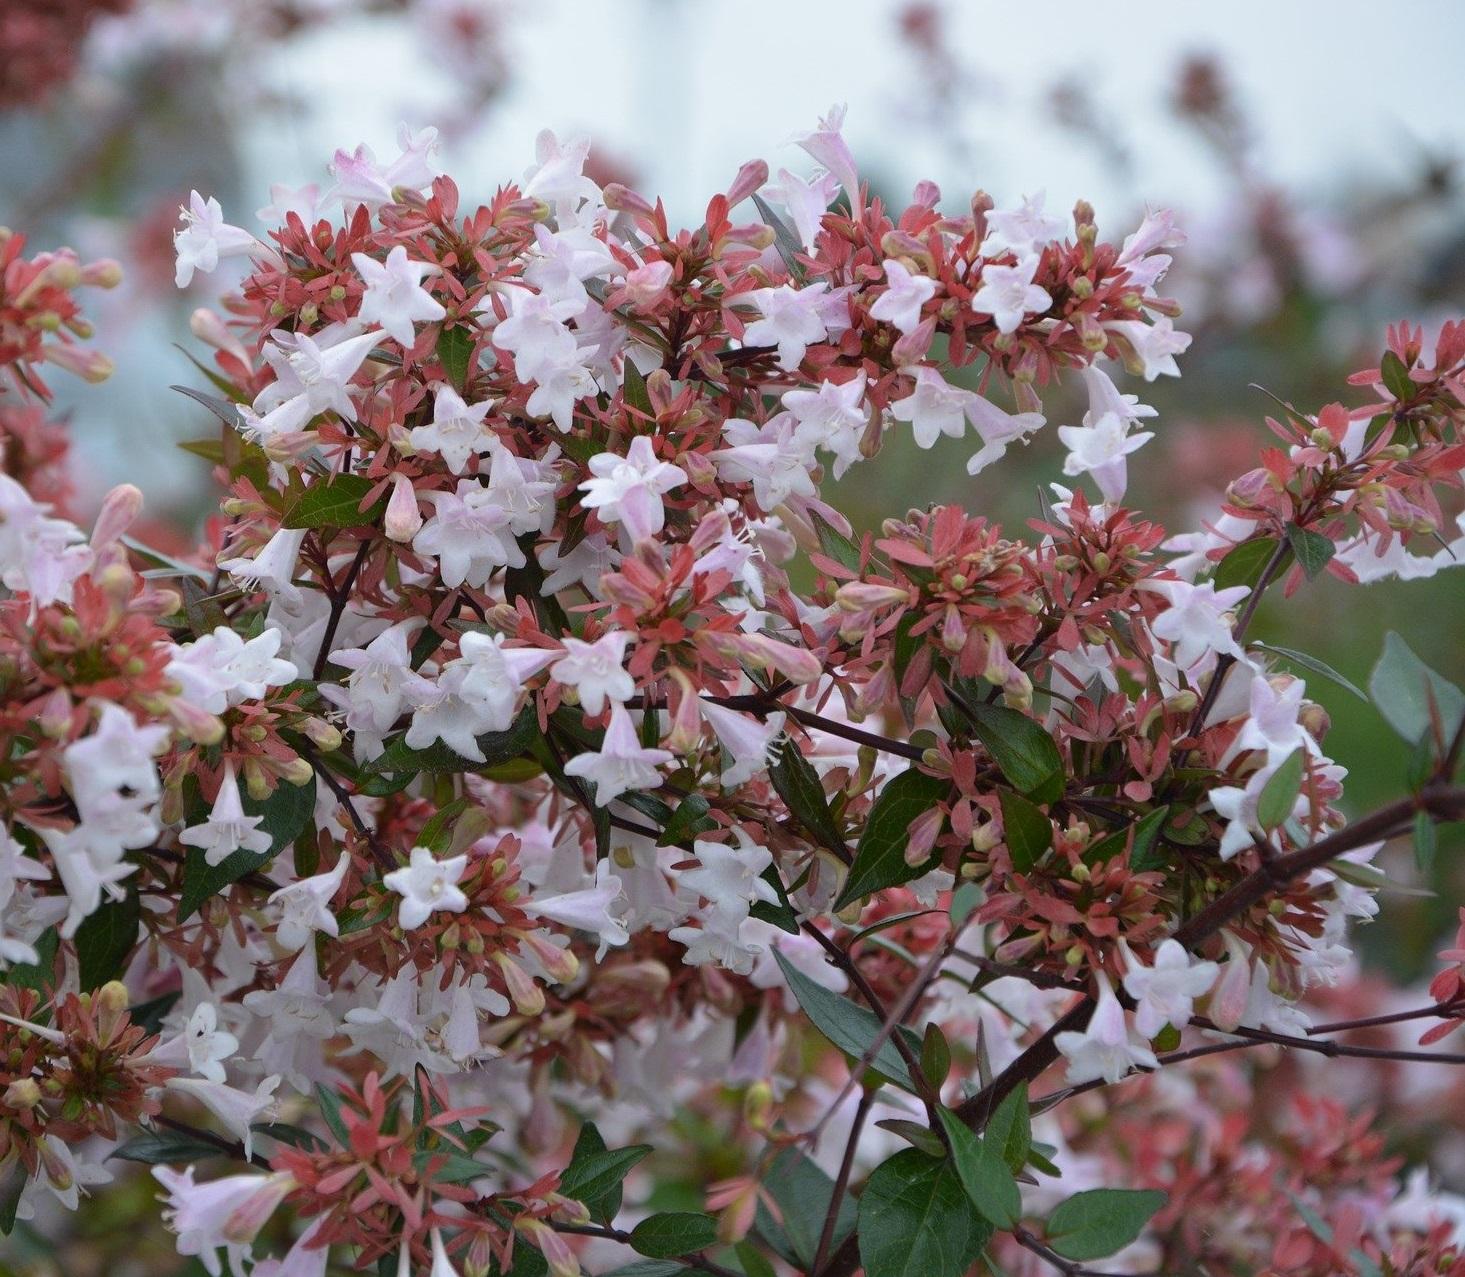 abelia - Image par JackieLou DL de Pixabay  - La jardinerie de pessicart nice - Livraison a domicile nice 06 plantes vertes terres terreaux jardinage arbres cactus